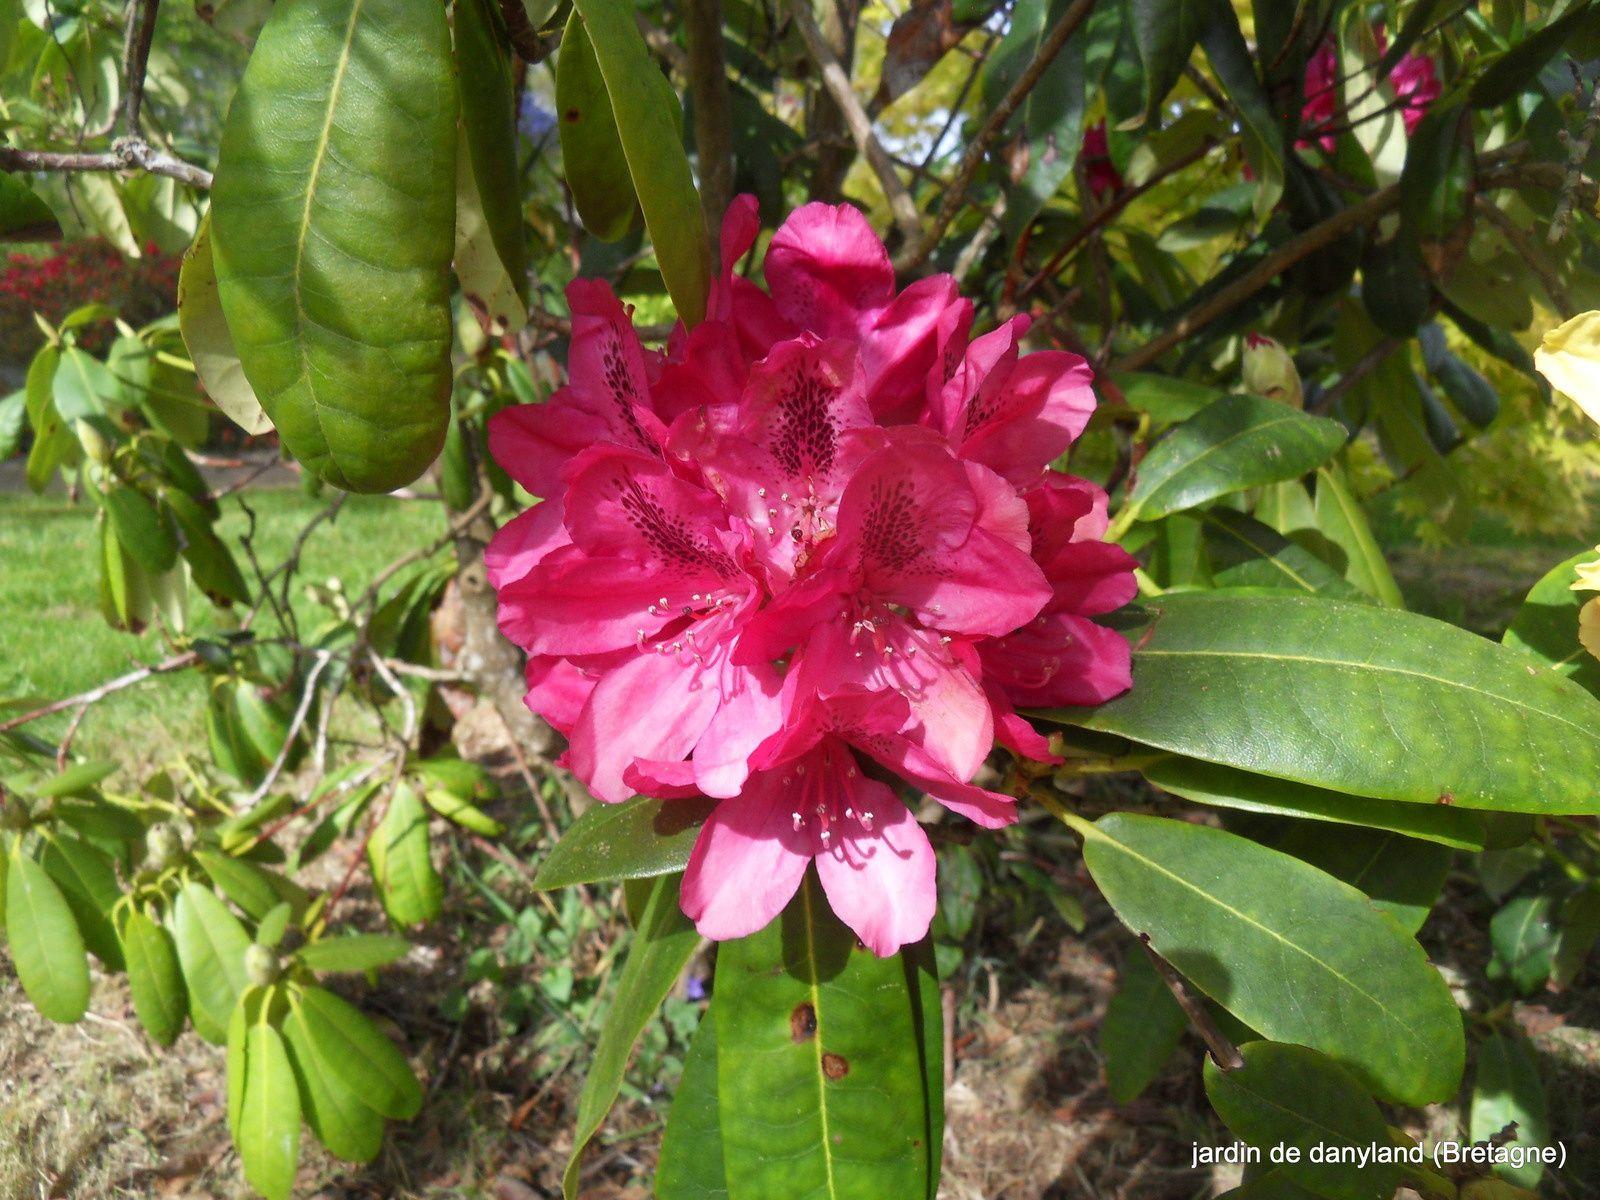 des floraisons exceptionnelles en cette fin avril 2017